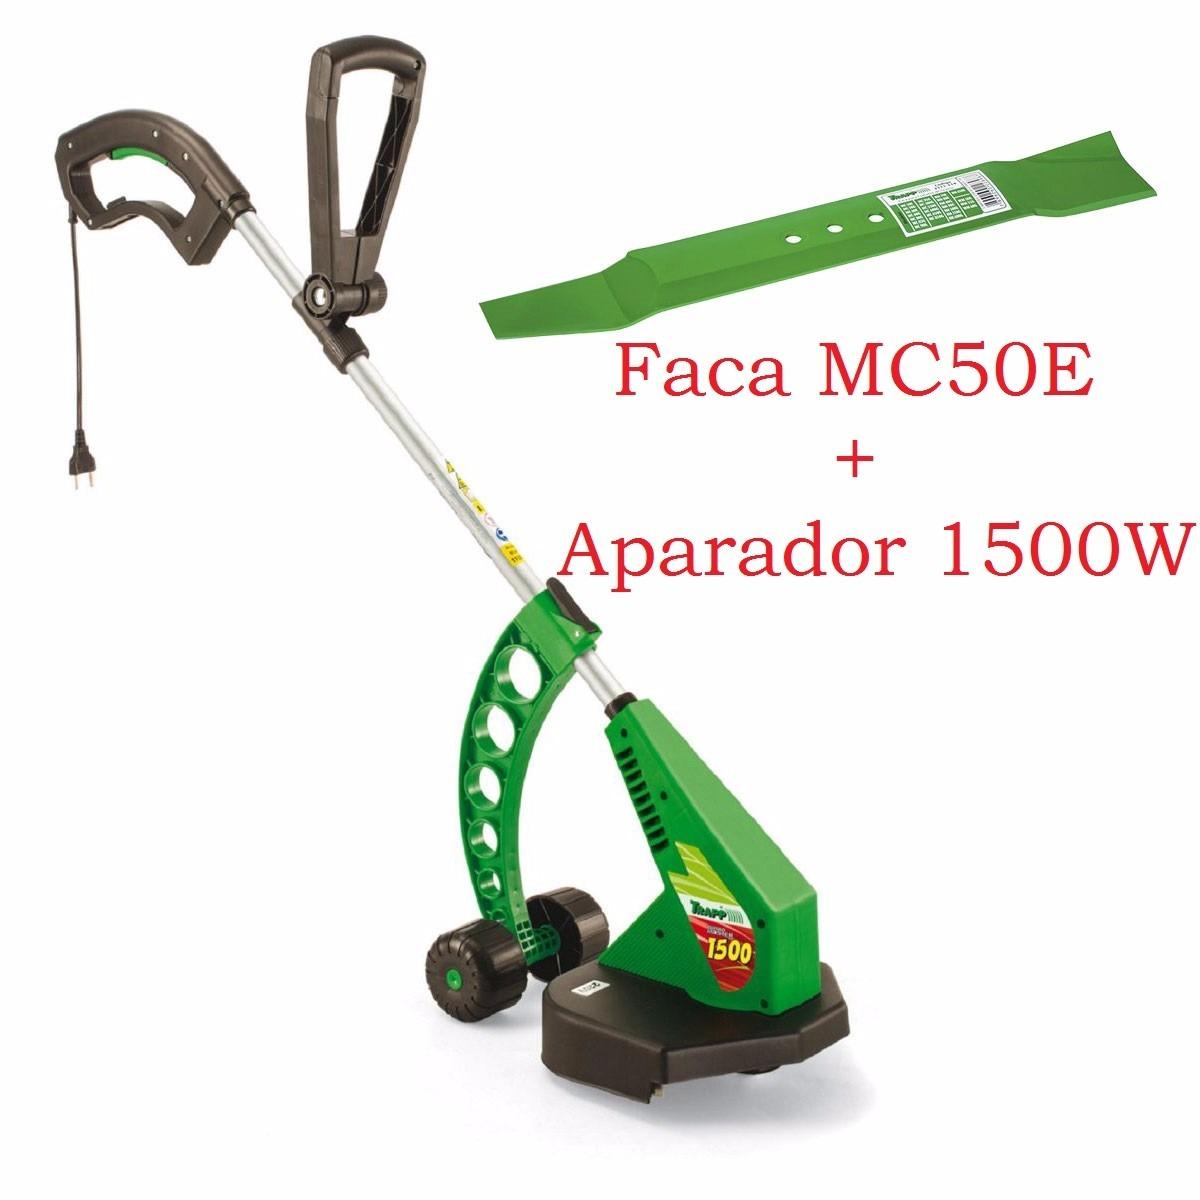 Artesanato Em Feltro Para Bebe ~ Aparador 1500w + Faca Lamina Mc50e Cortador De Grama Trapp